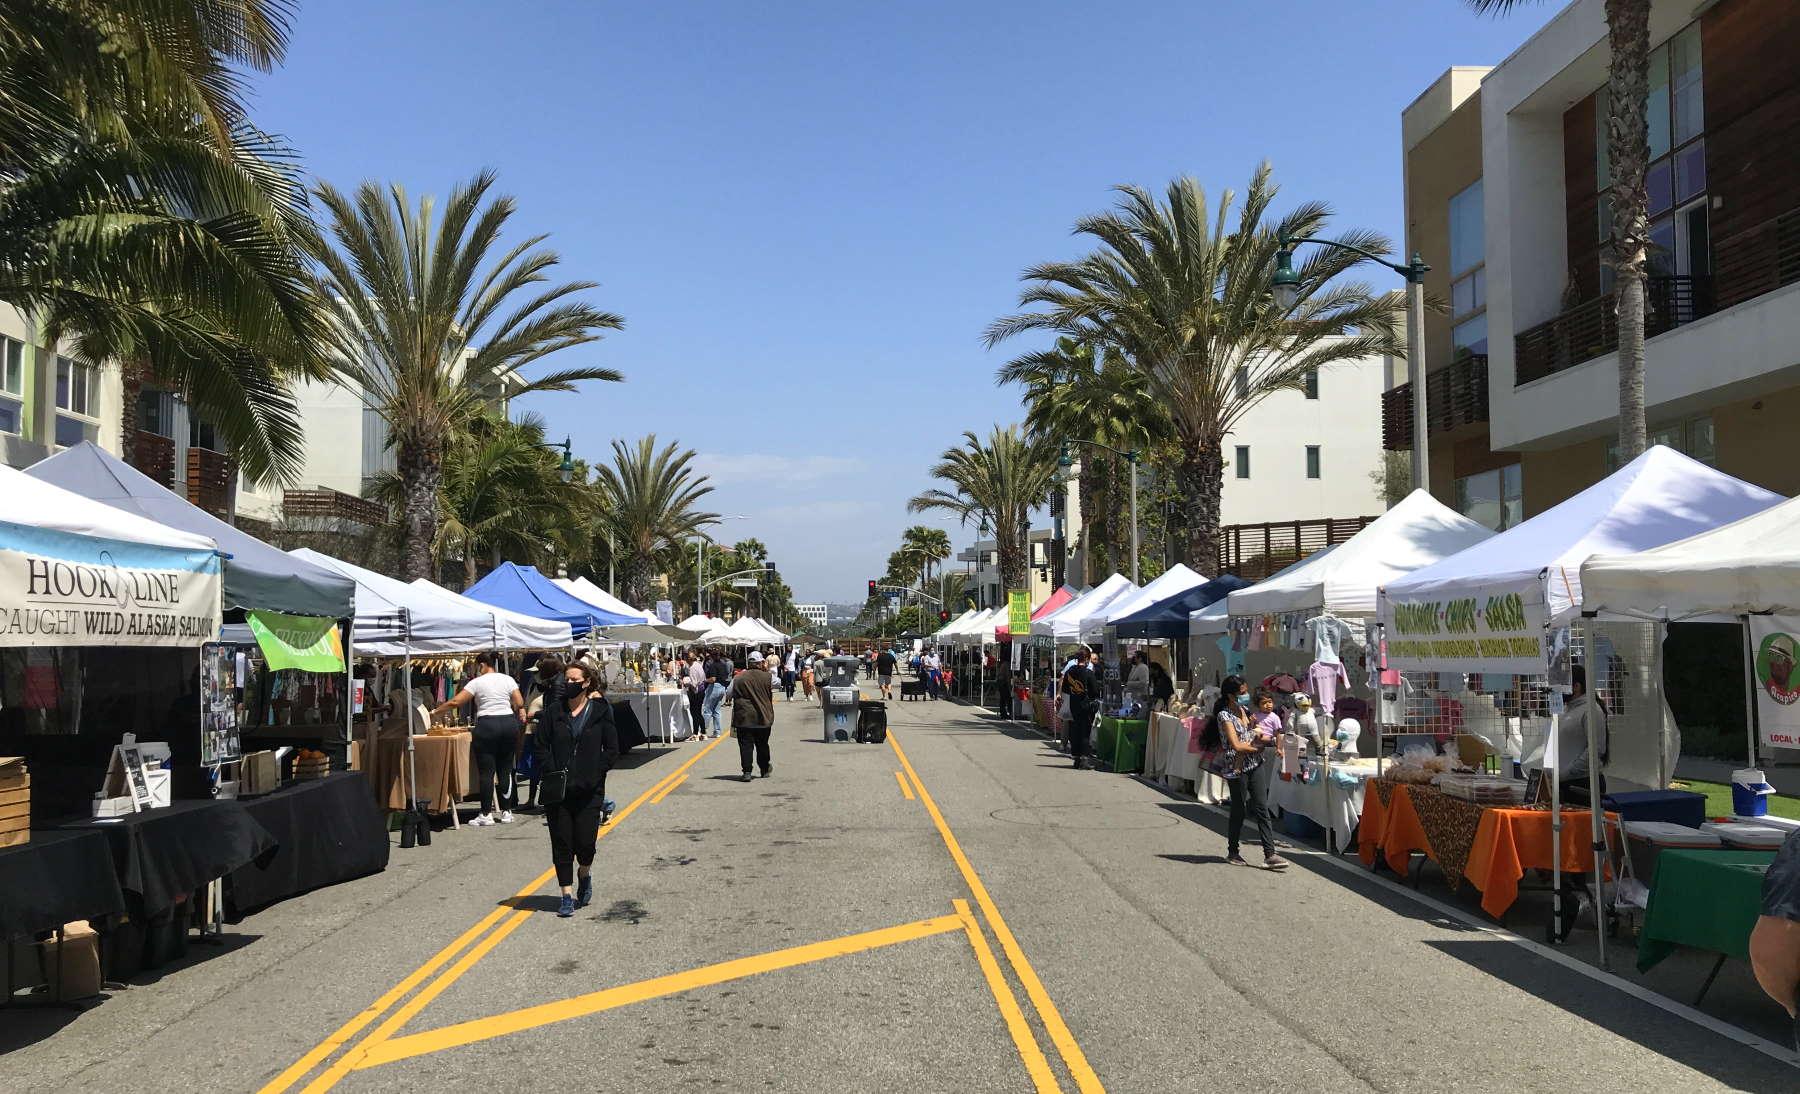 Playa Vista Farmer's Market